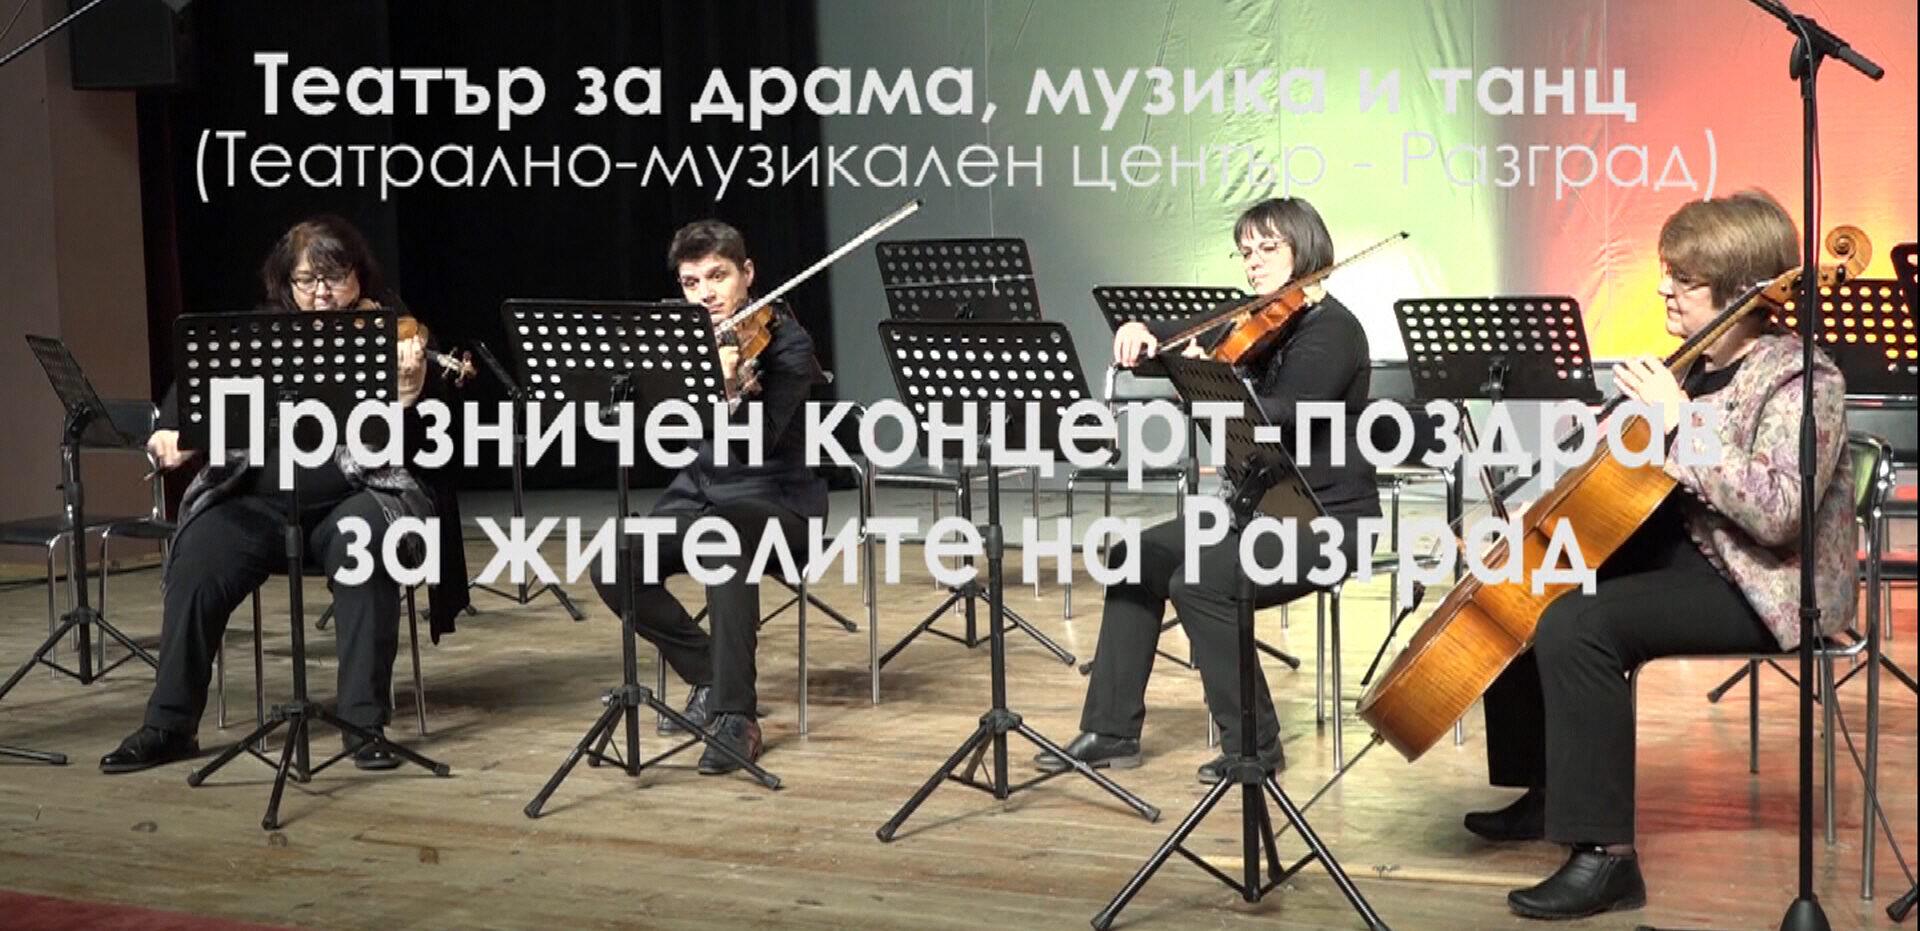 Концерт-поздрав Разград 2020/21 от Театър за драма, музика ...